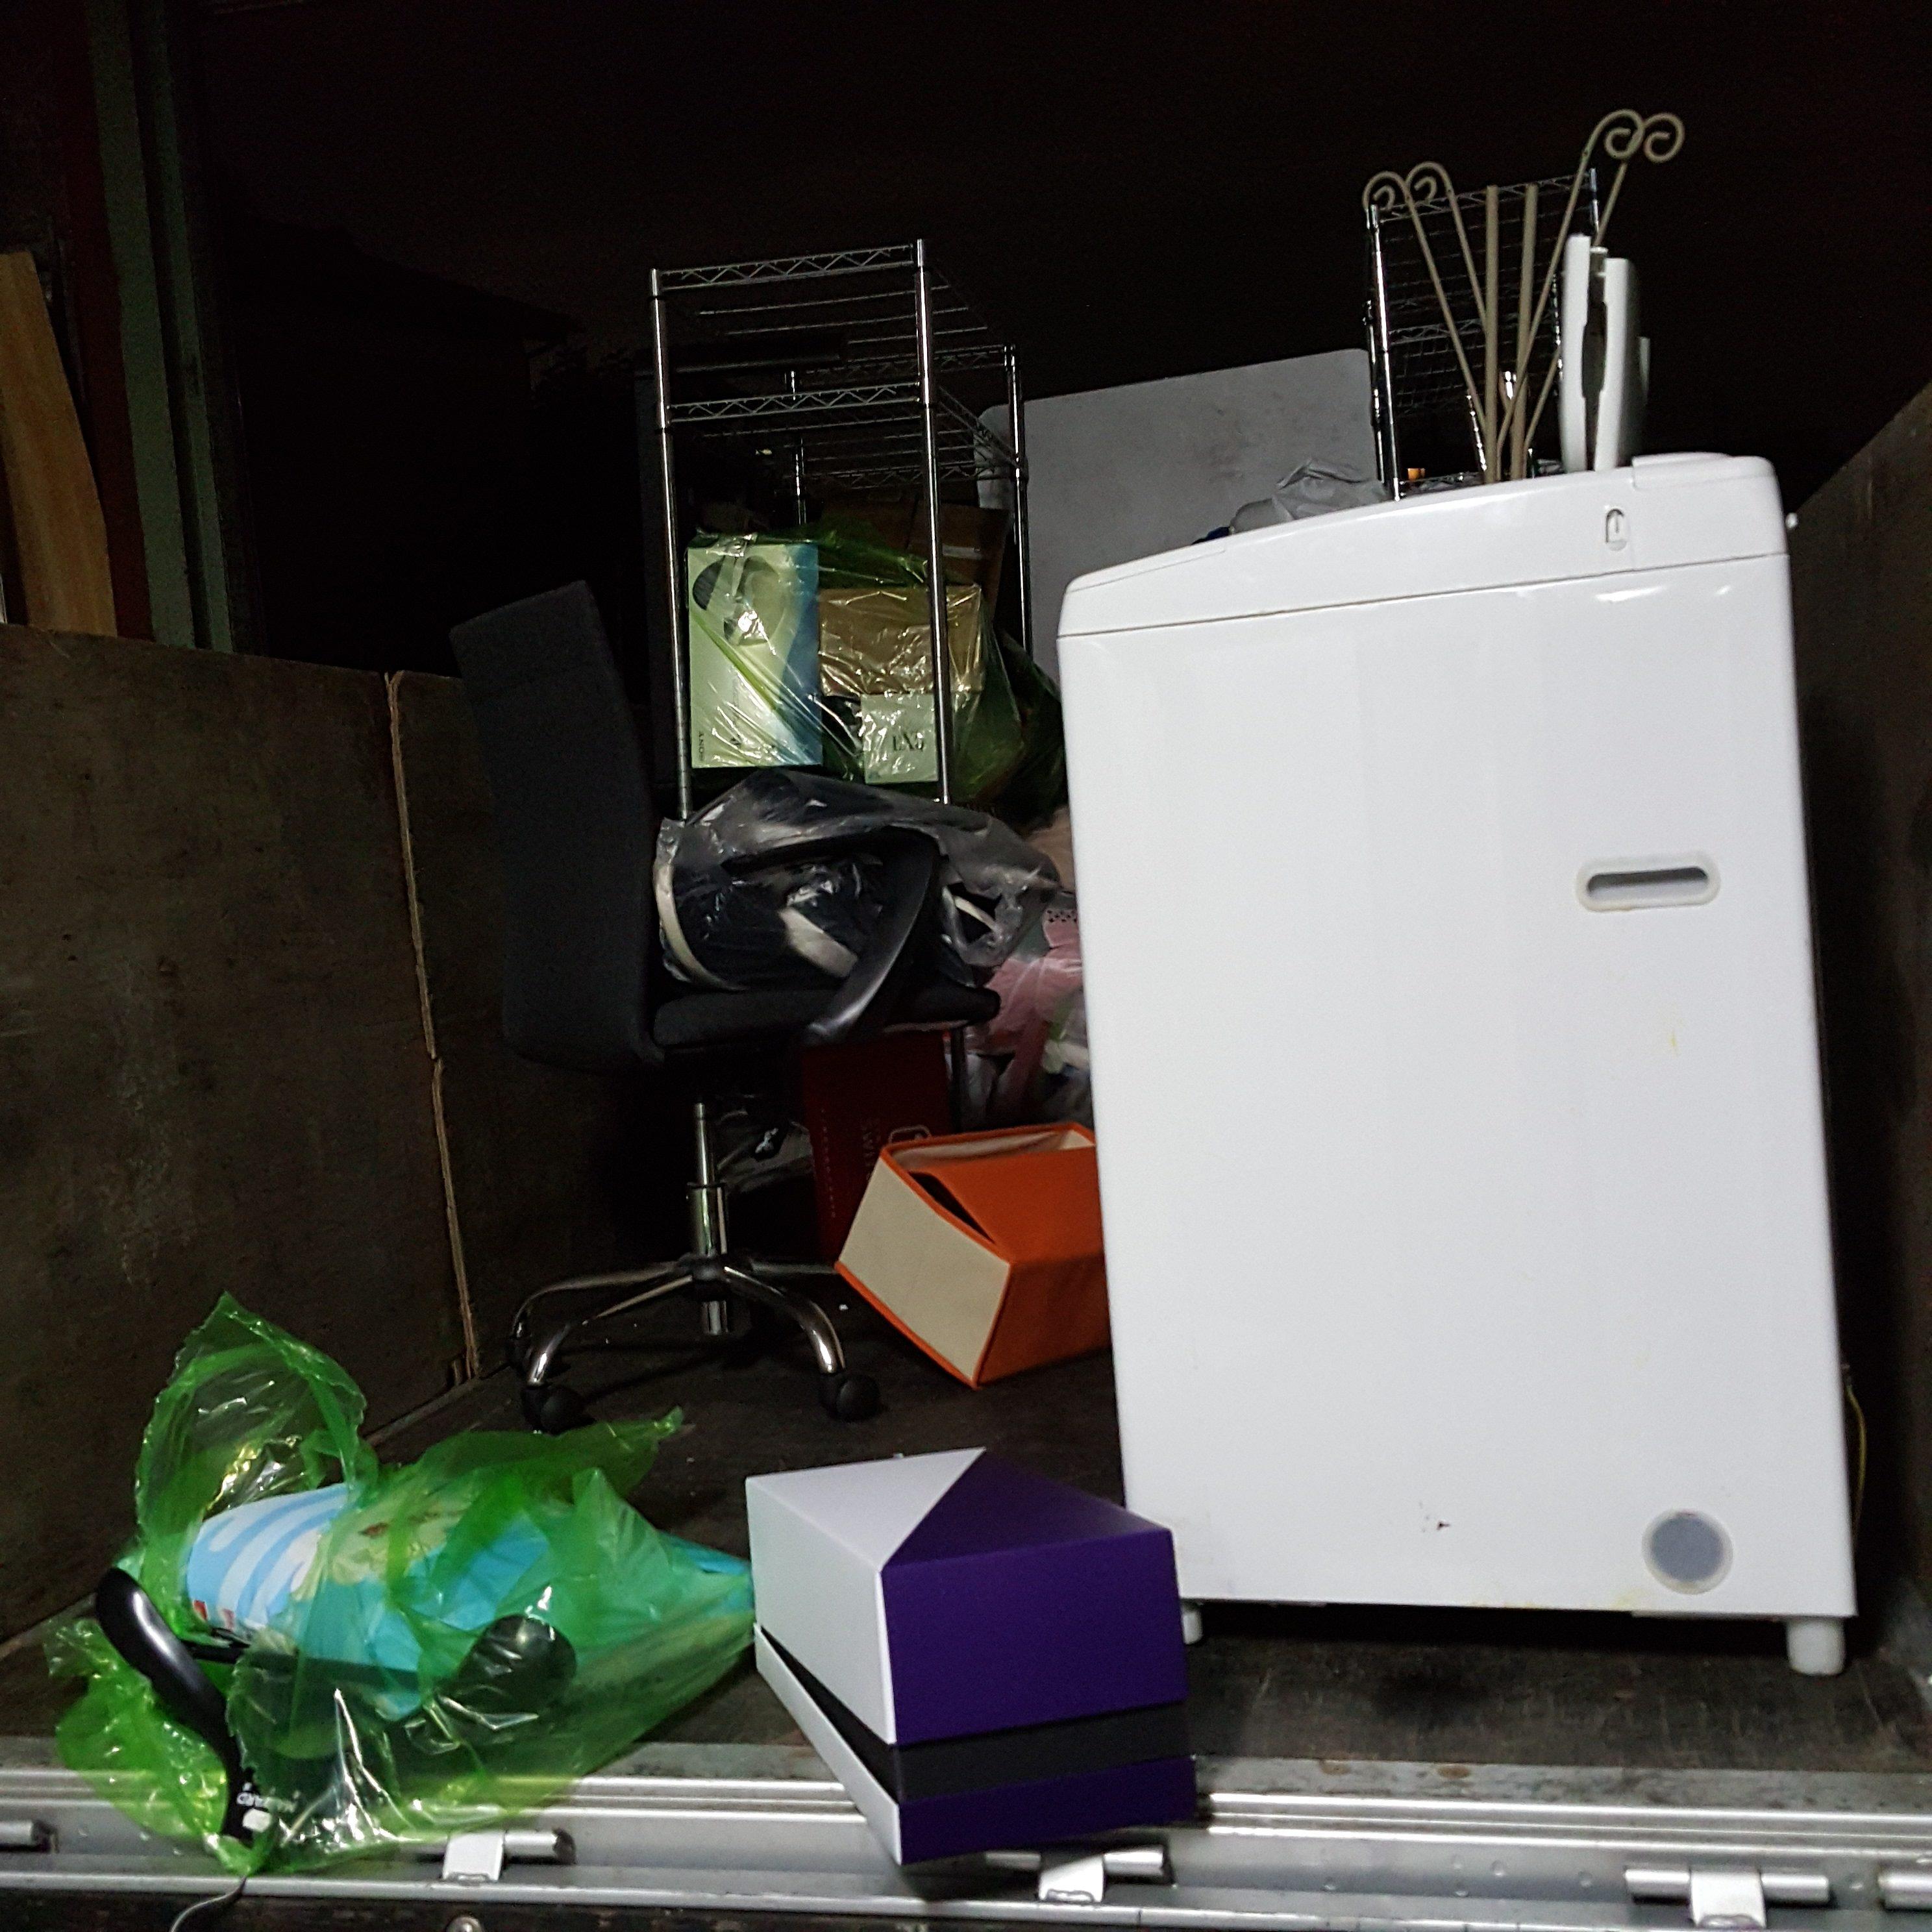 東京都渋谷区 1DKの家電、生活用品などの不要品回収